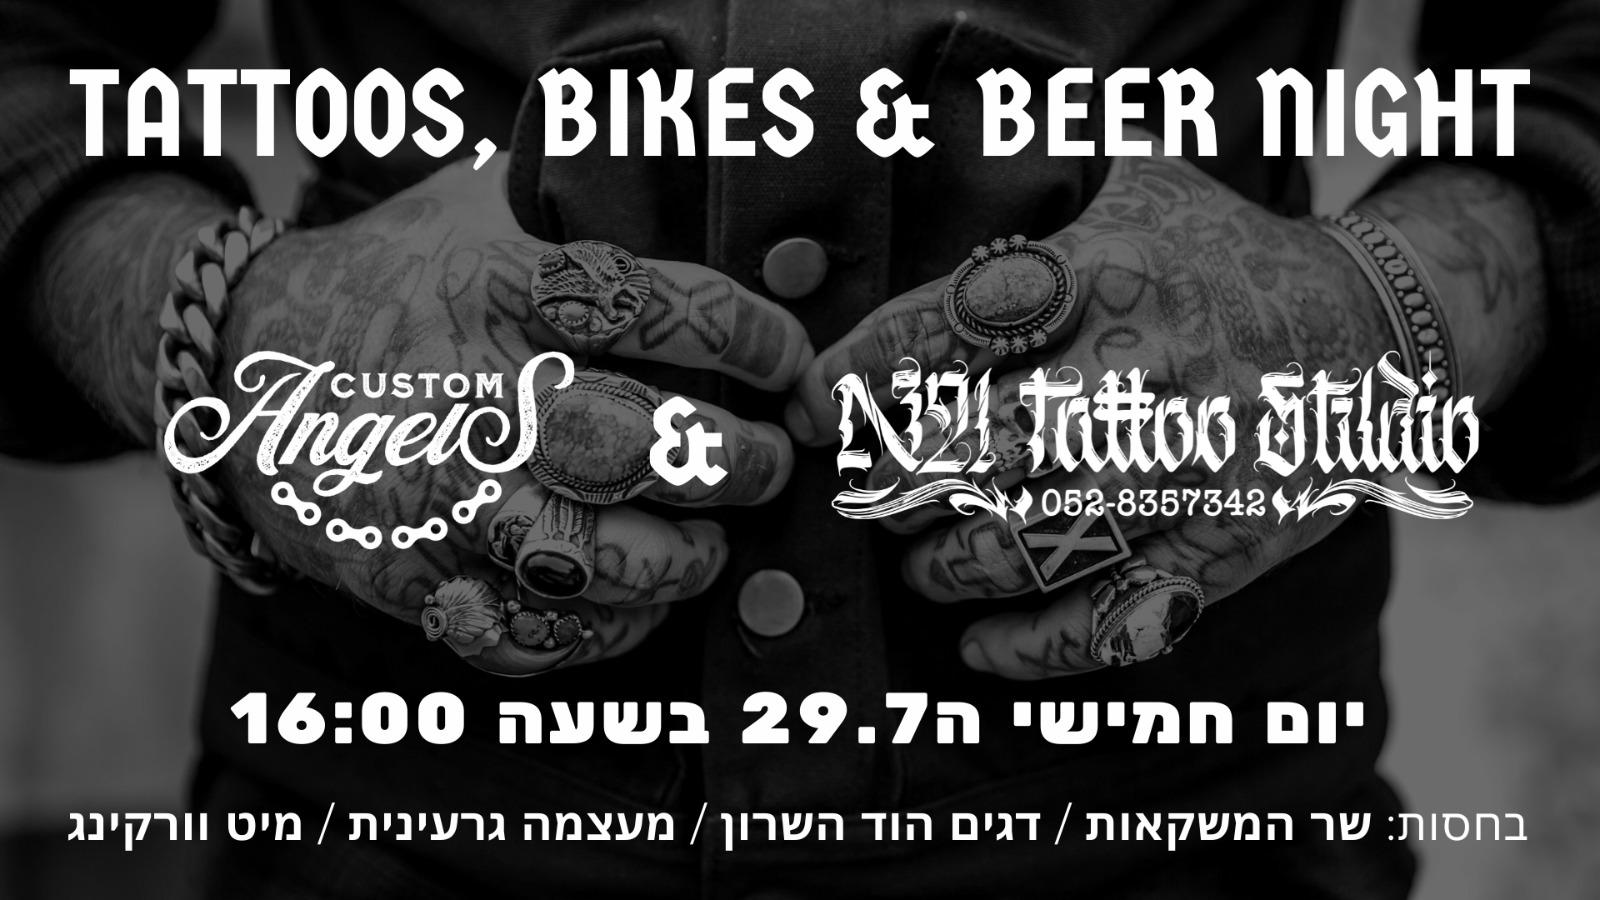 אירוע התרמה – Tattoos, Bikes & Beer Night